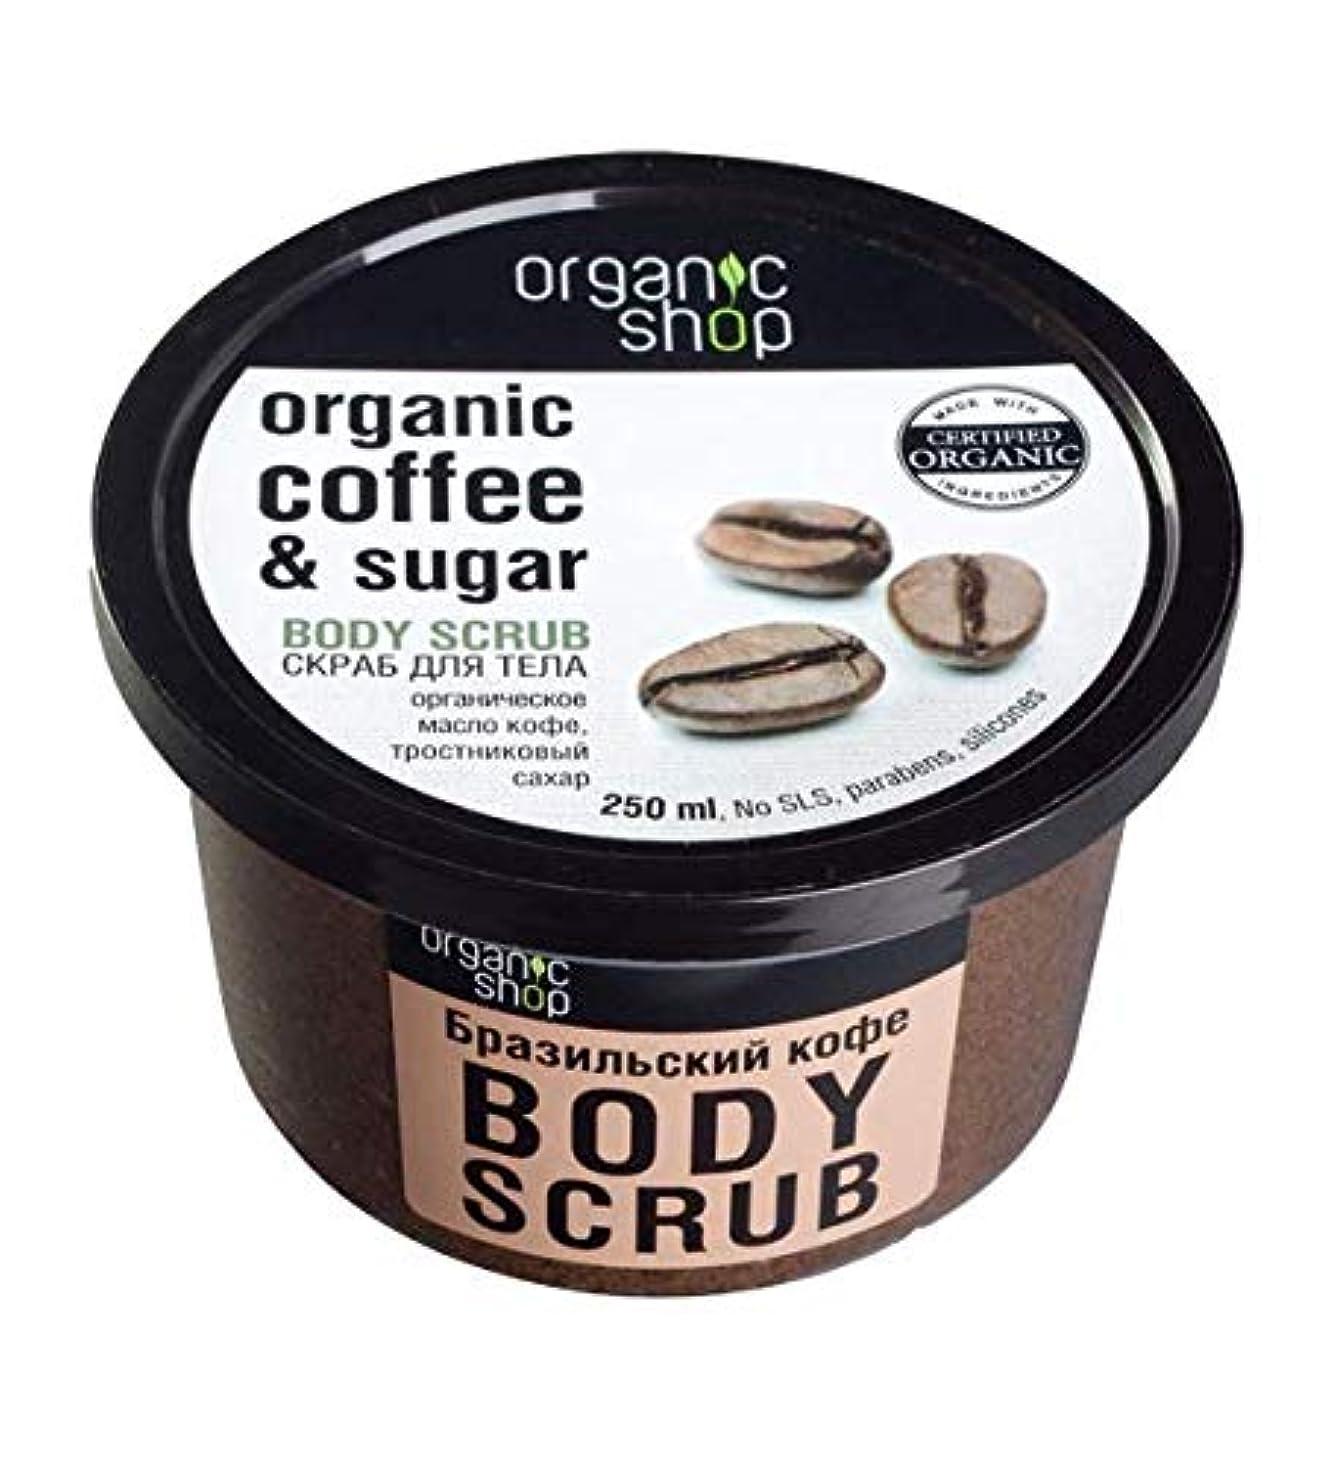 障害者可能更新する【話題沸騰中】ロシア産 ORGANIC SHOP オーガニック ショップ ボディスクラブ coffee&sugar 250ml 「ブラジルコーヒー」